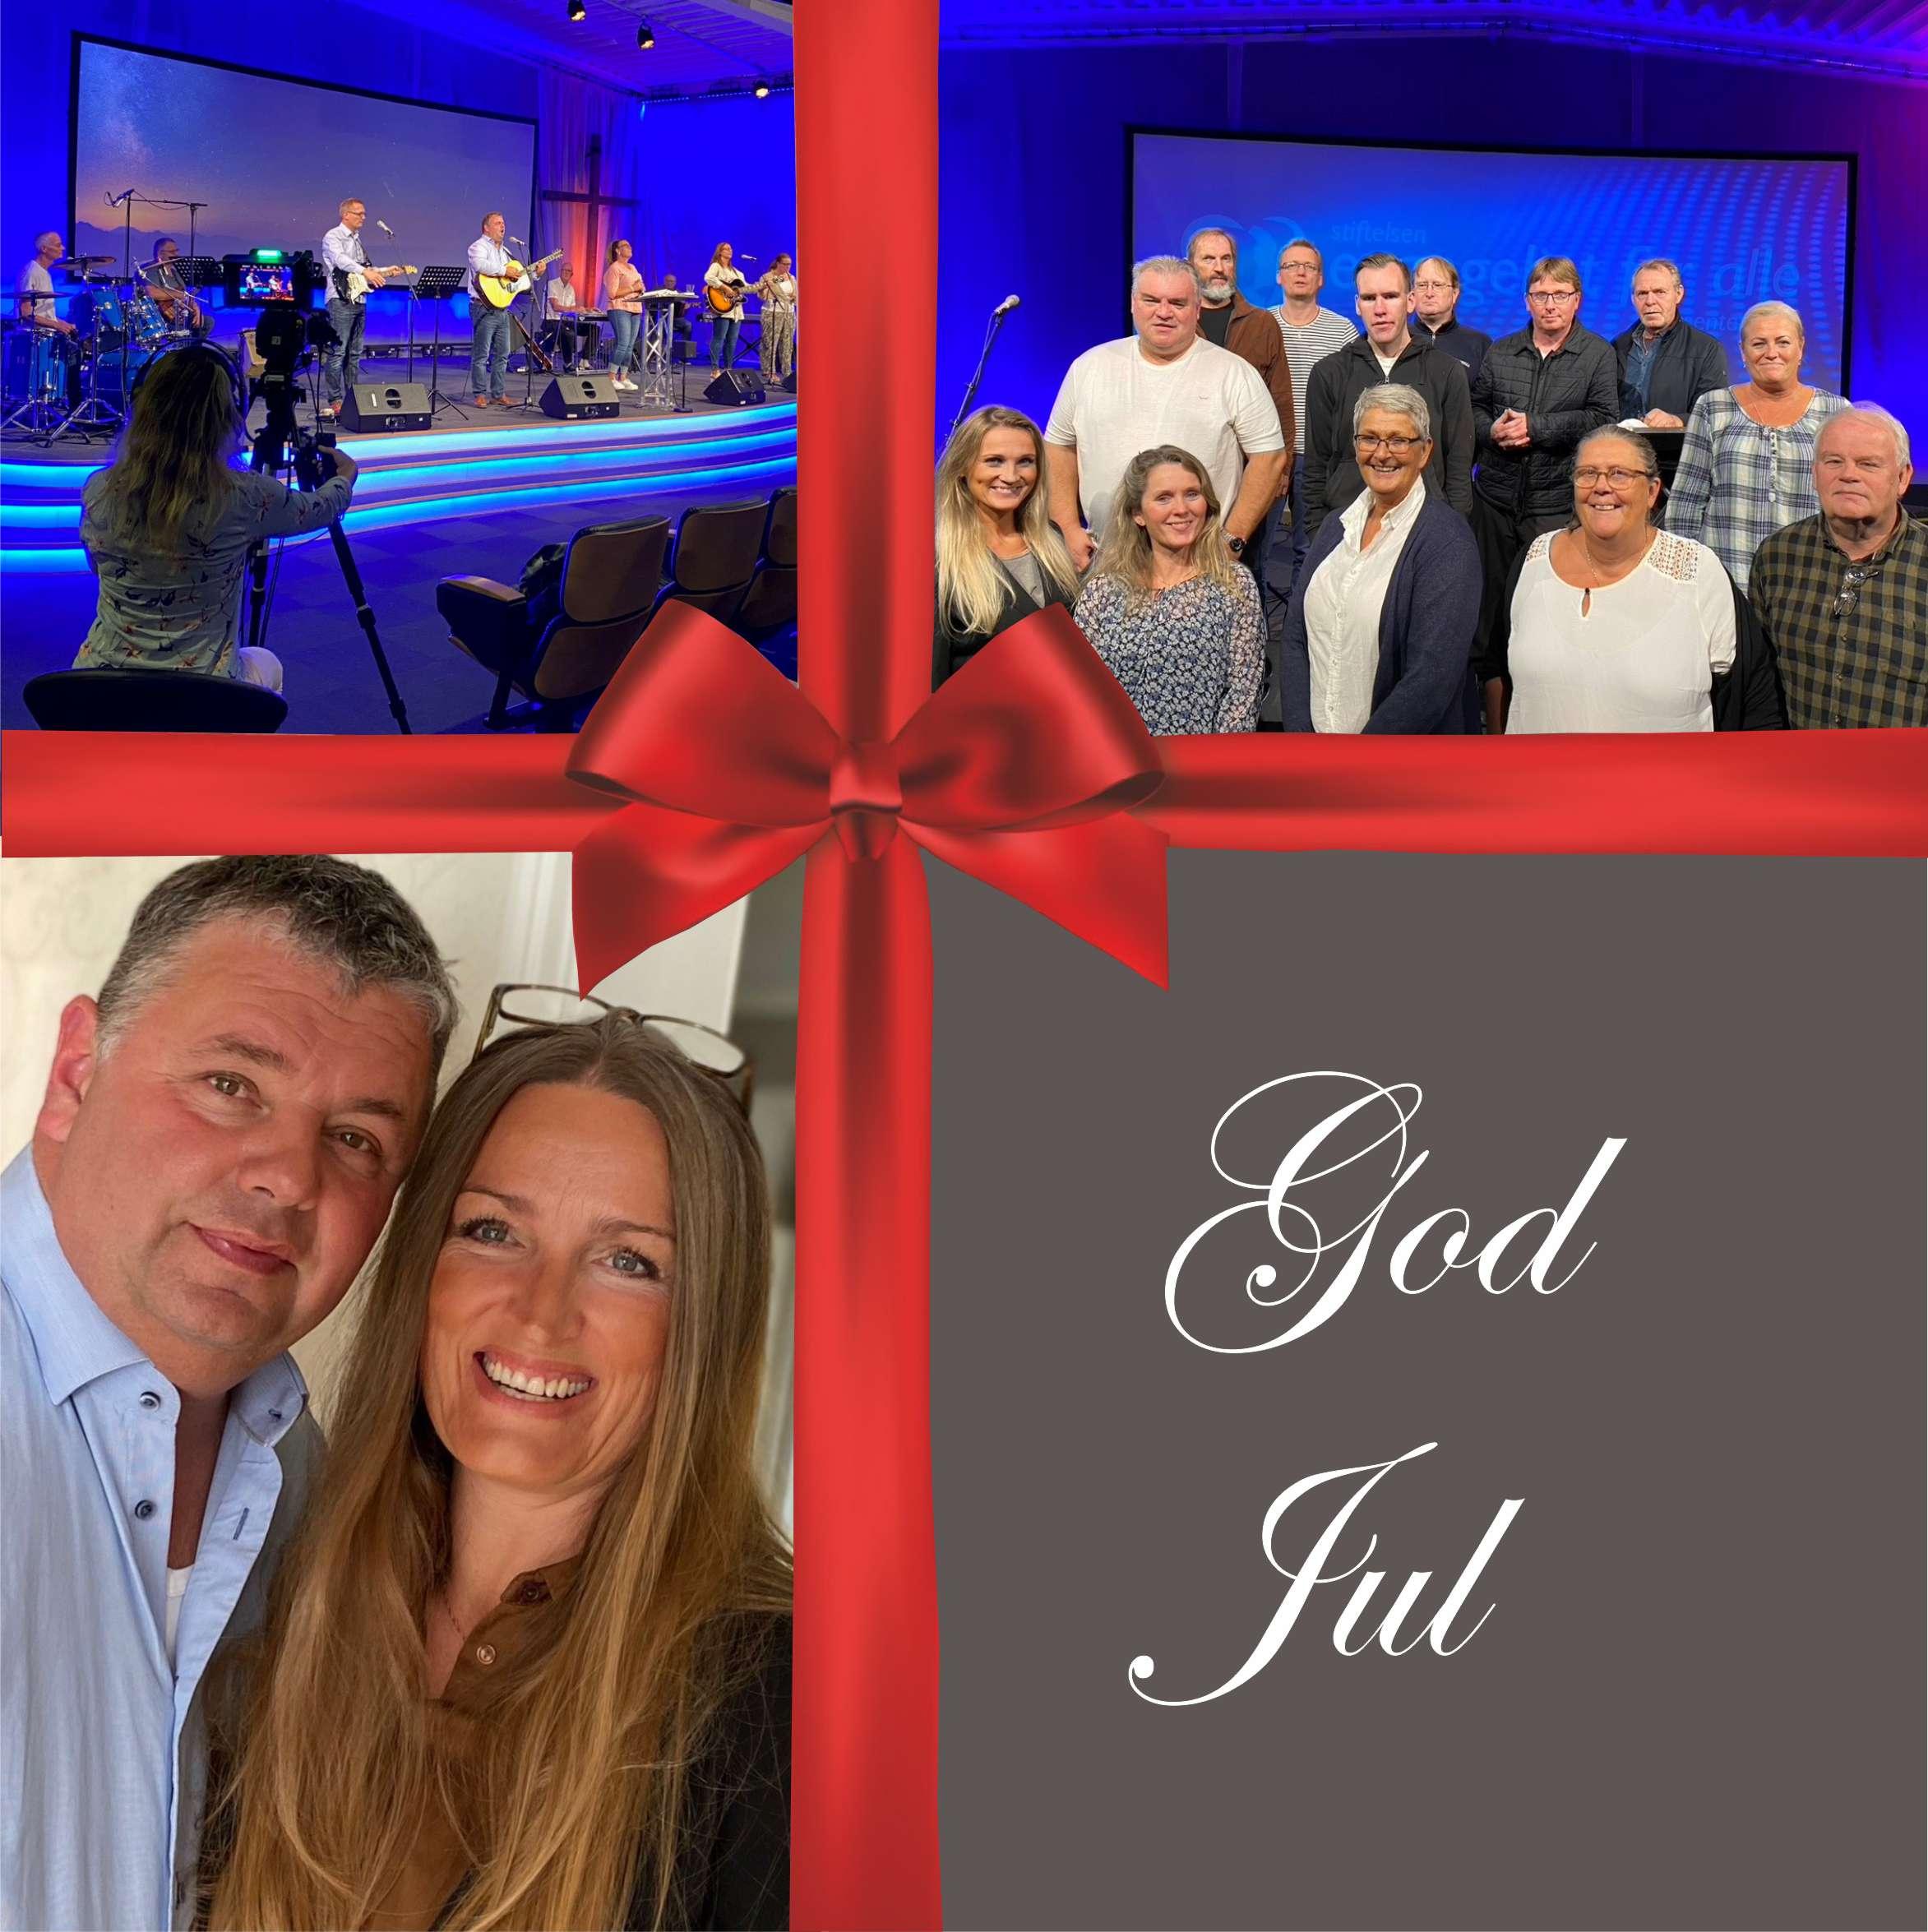 God Jul og velsignet nytt år!